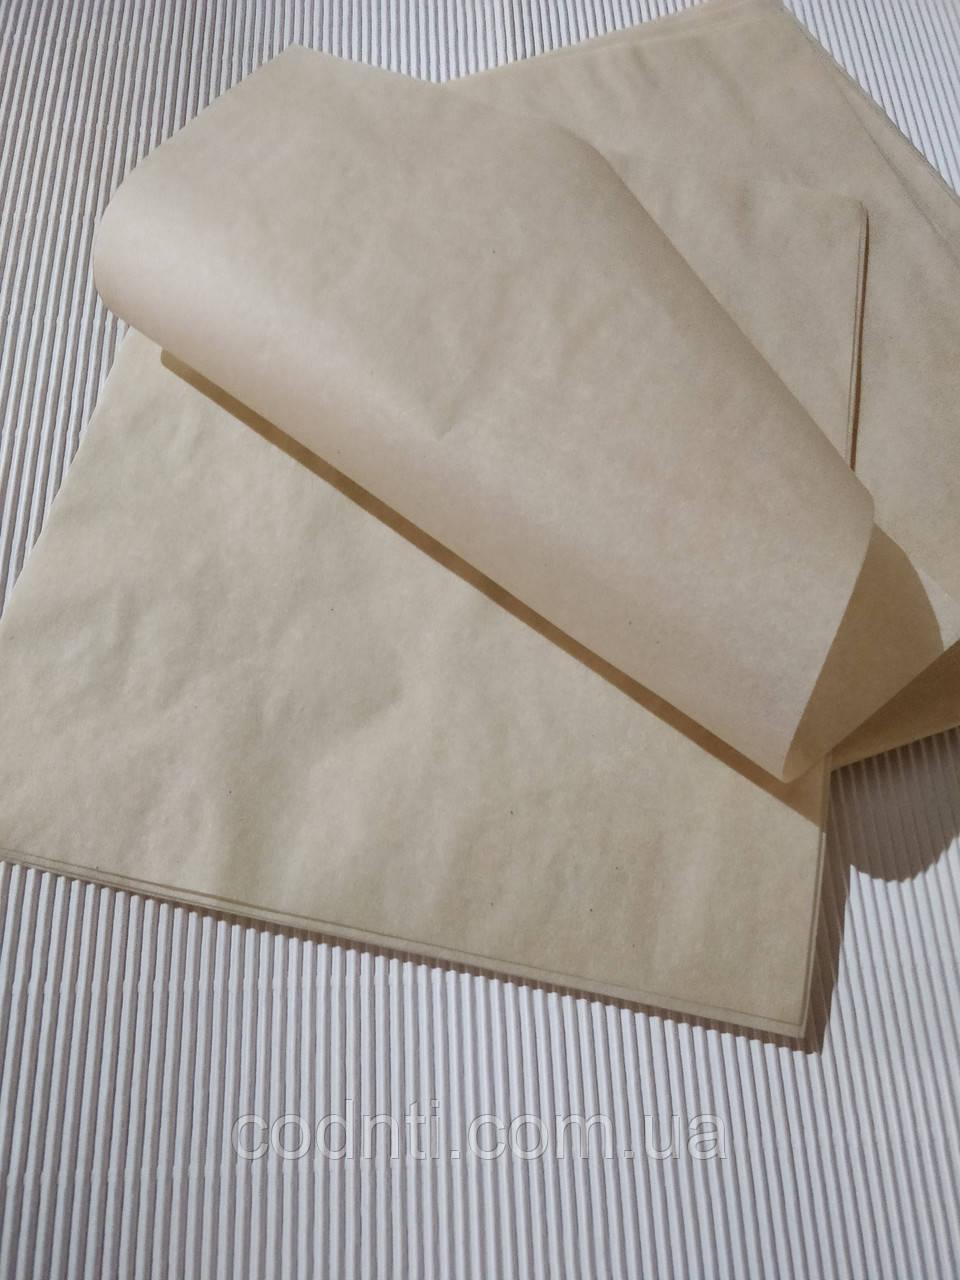 Пергаментная бумага для упаковки сыра и молочных продуктов, в листах 330мм х 330 мм